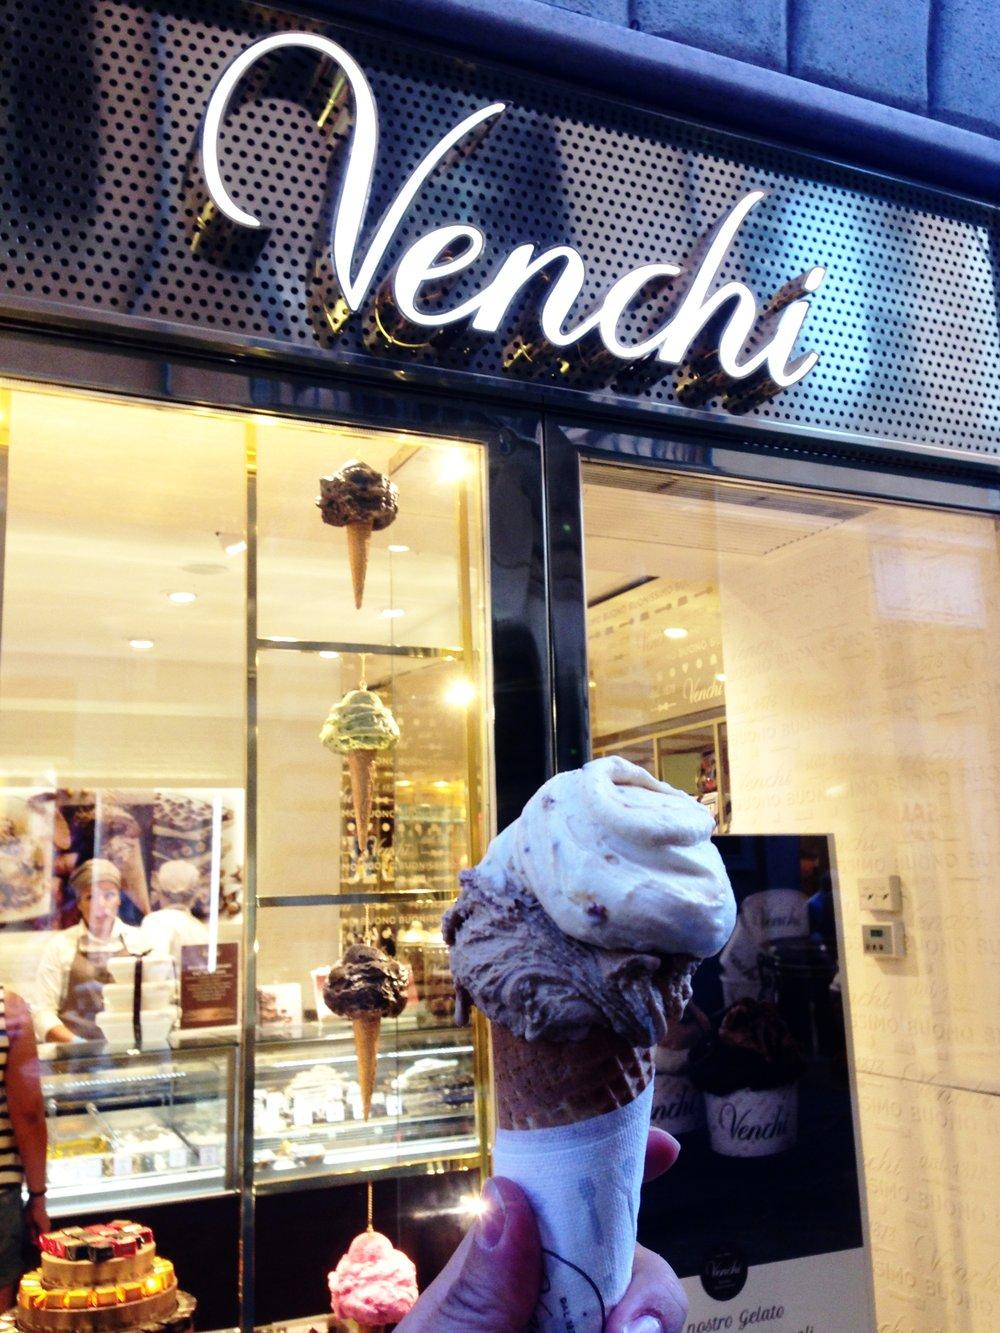 Venchi in Rome, Italy